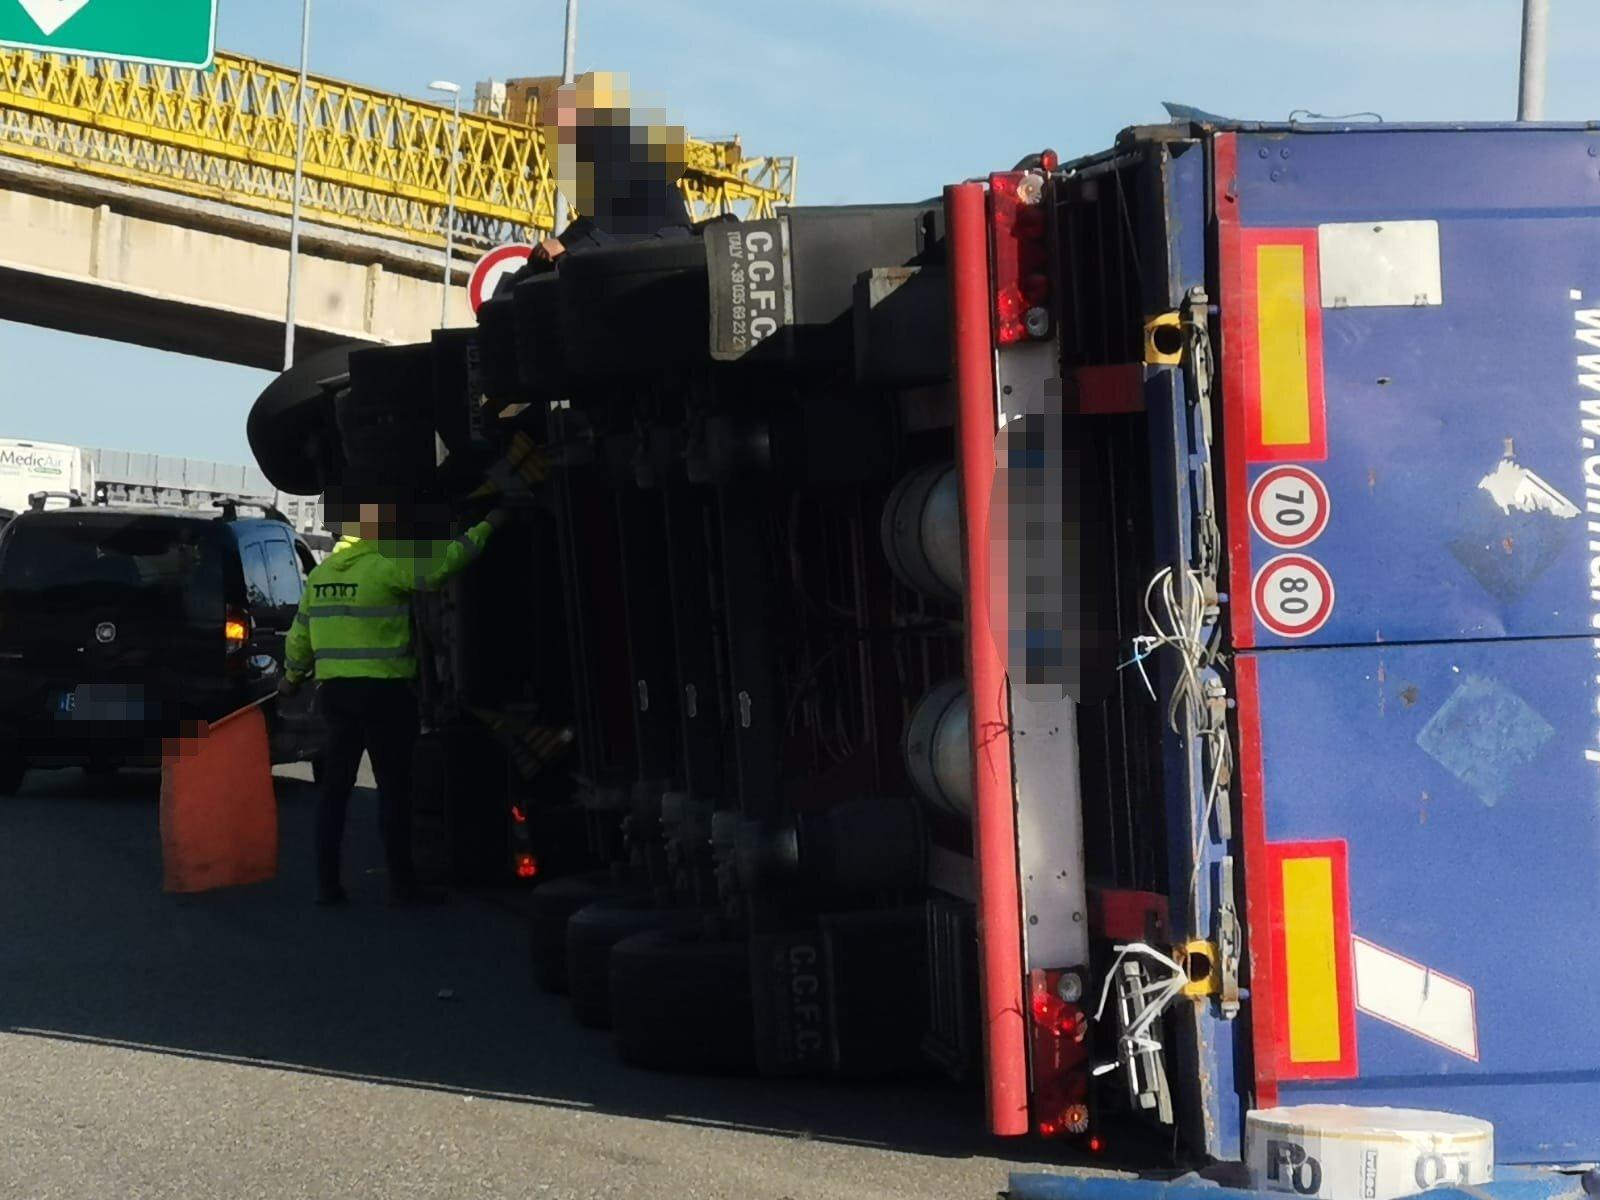 Incidente lungo la Palermo - Catania tratto autostradale chiuso